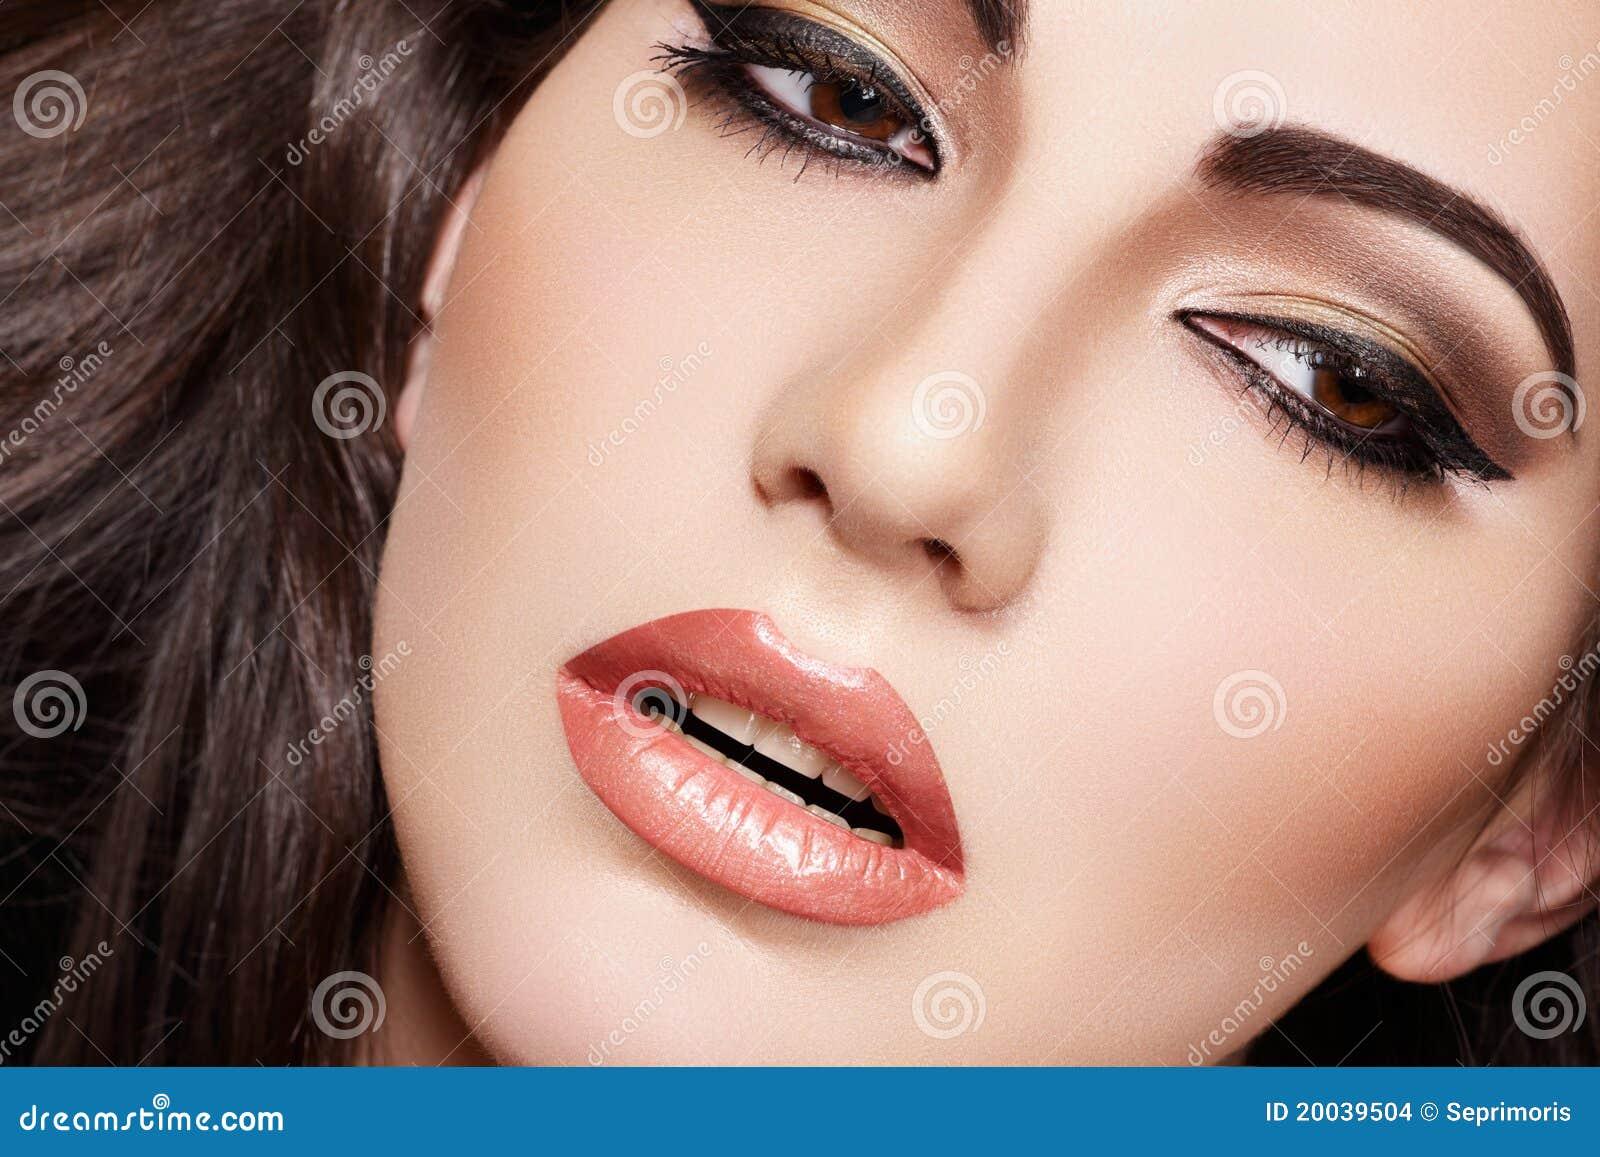 Eruzione di posti sulla faccia su zone